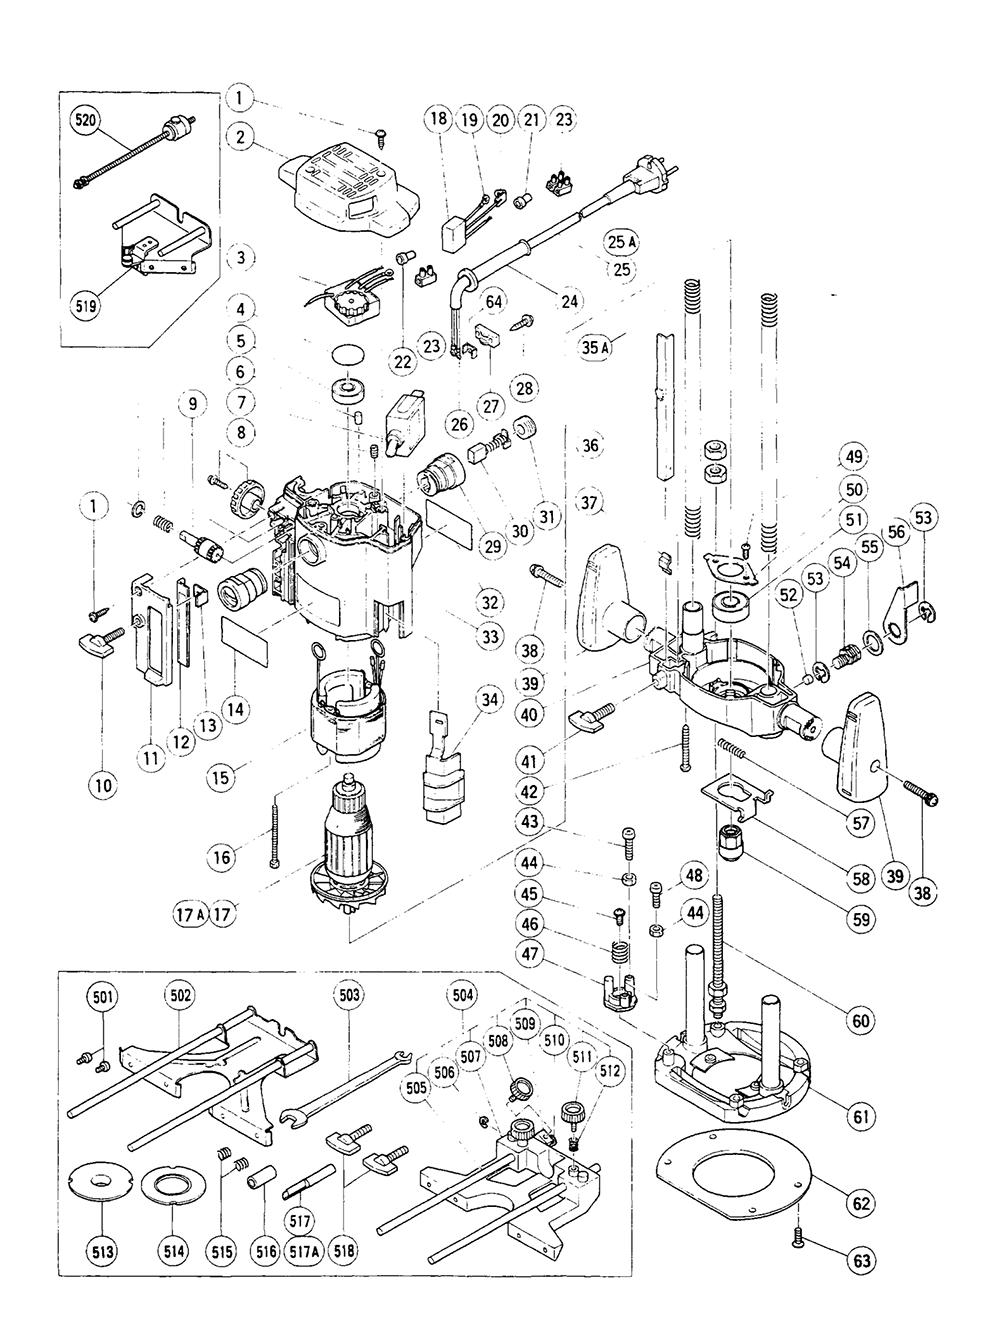 germanynews02: [35+] Nokia 301 Schematic Diagram Download